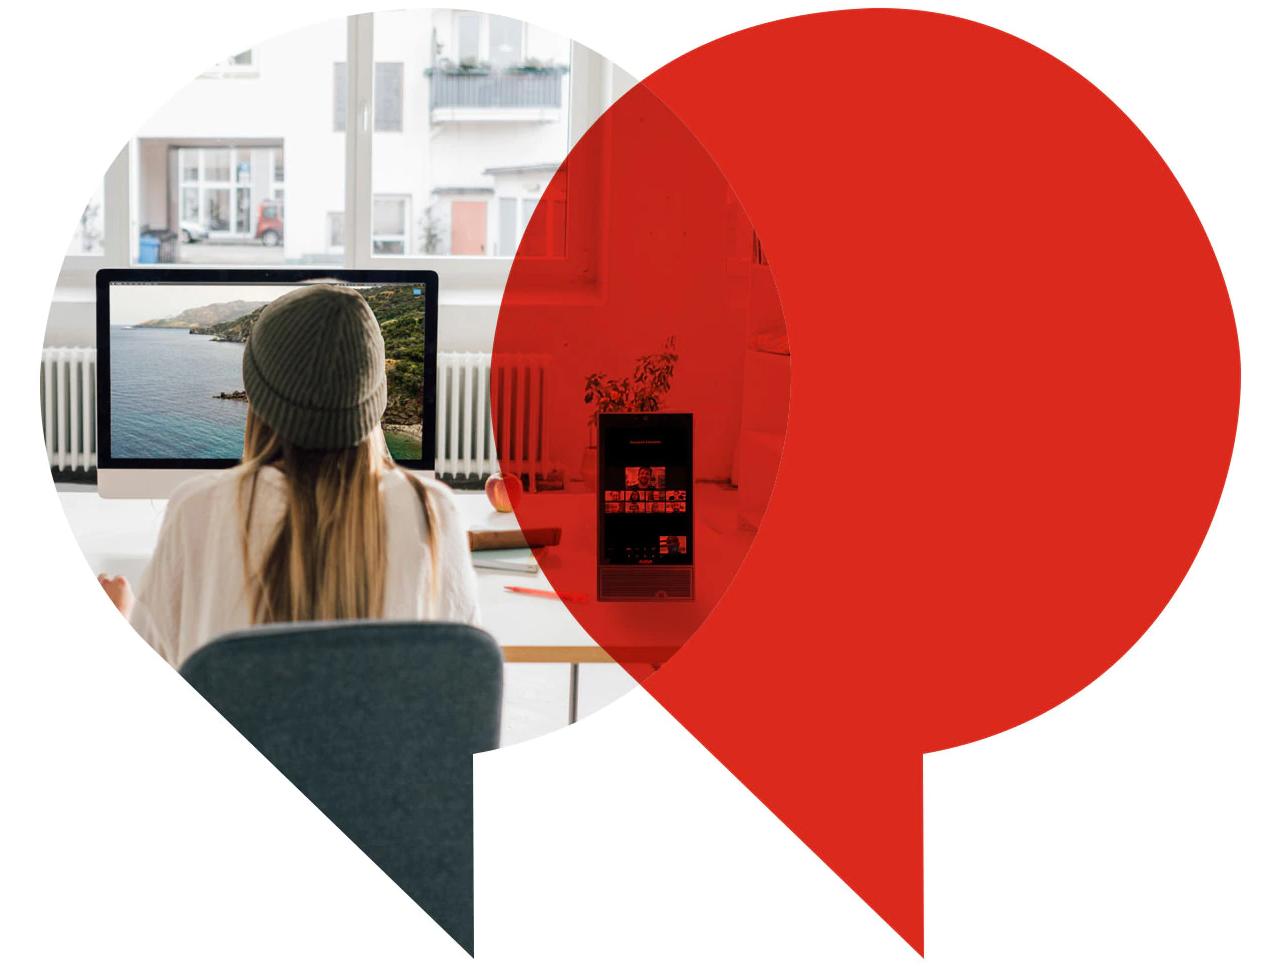 Avaya выпустила новую версию устройства для мультимедийных коммуникаций Avaya Vantage™